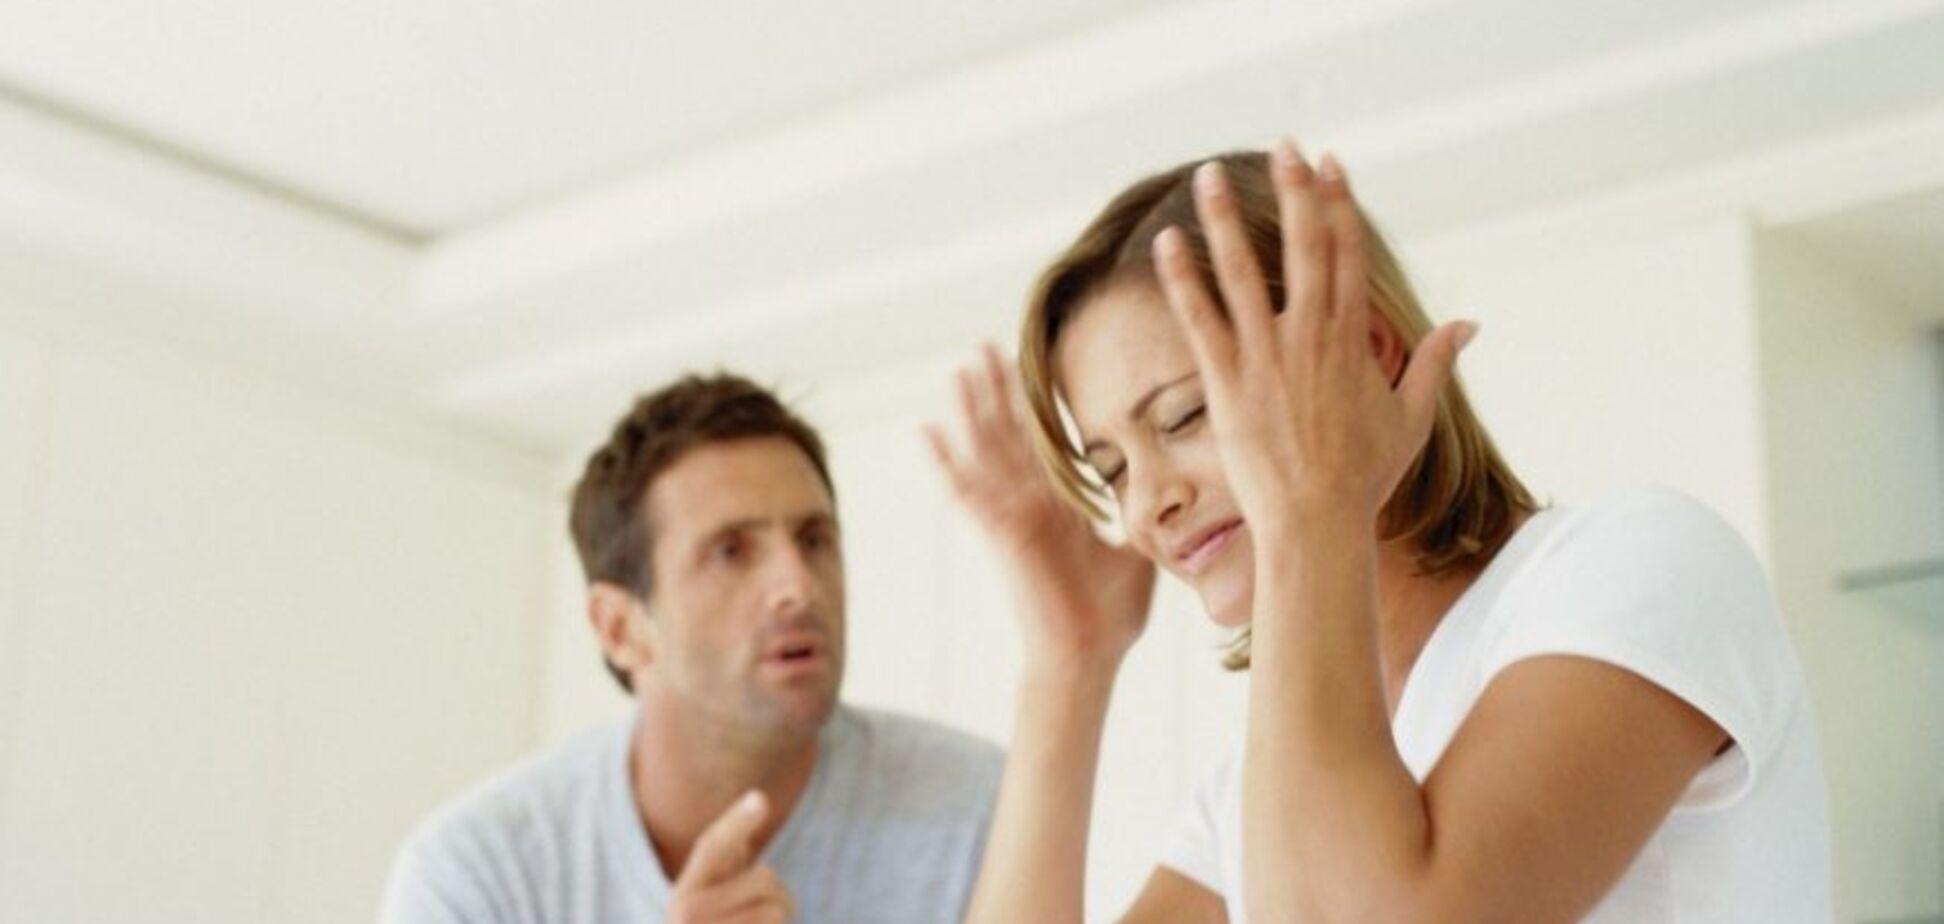 Психологічне насильство в сім'ї, яке майже неможливо довести. Що робити?